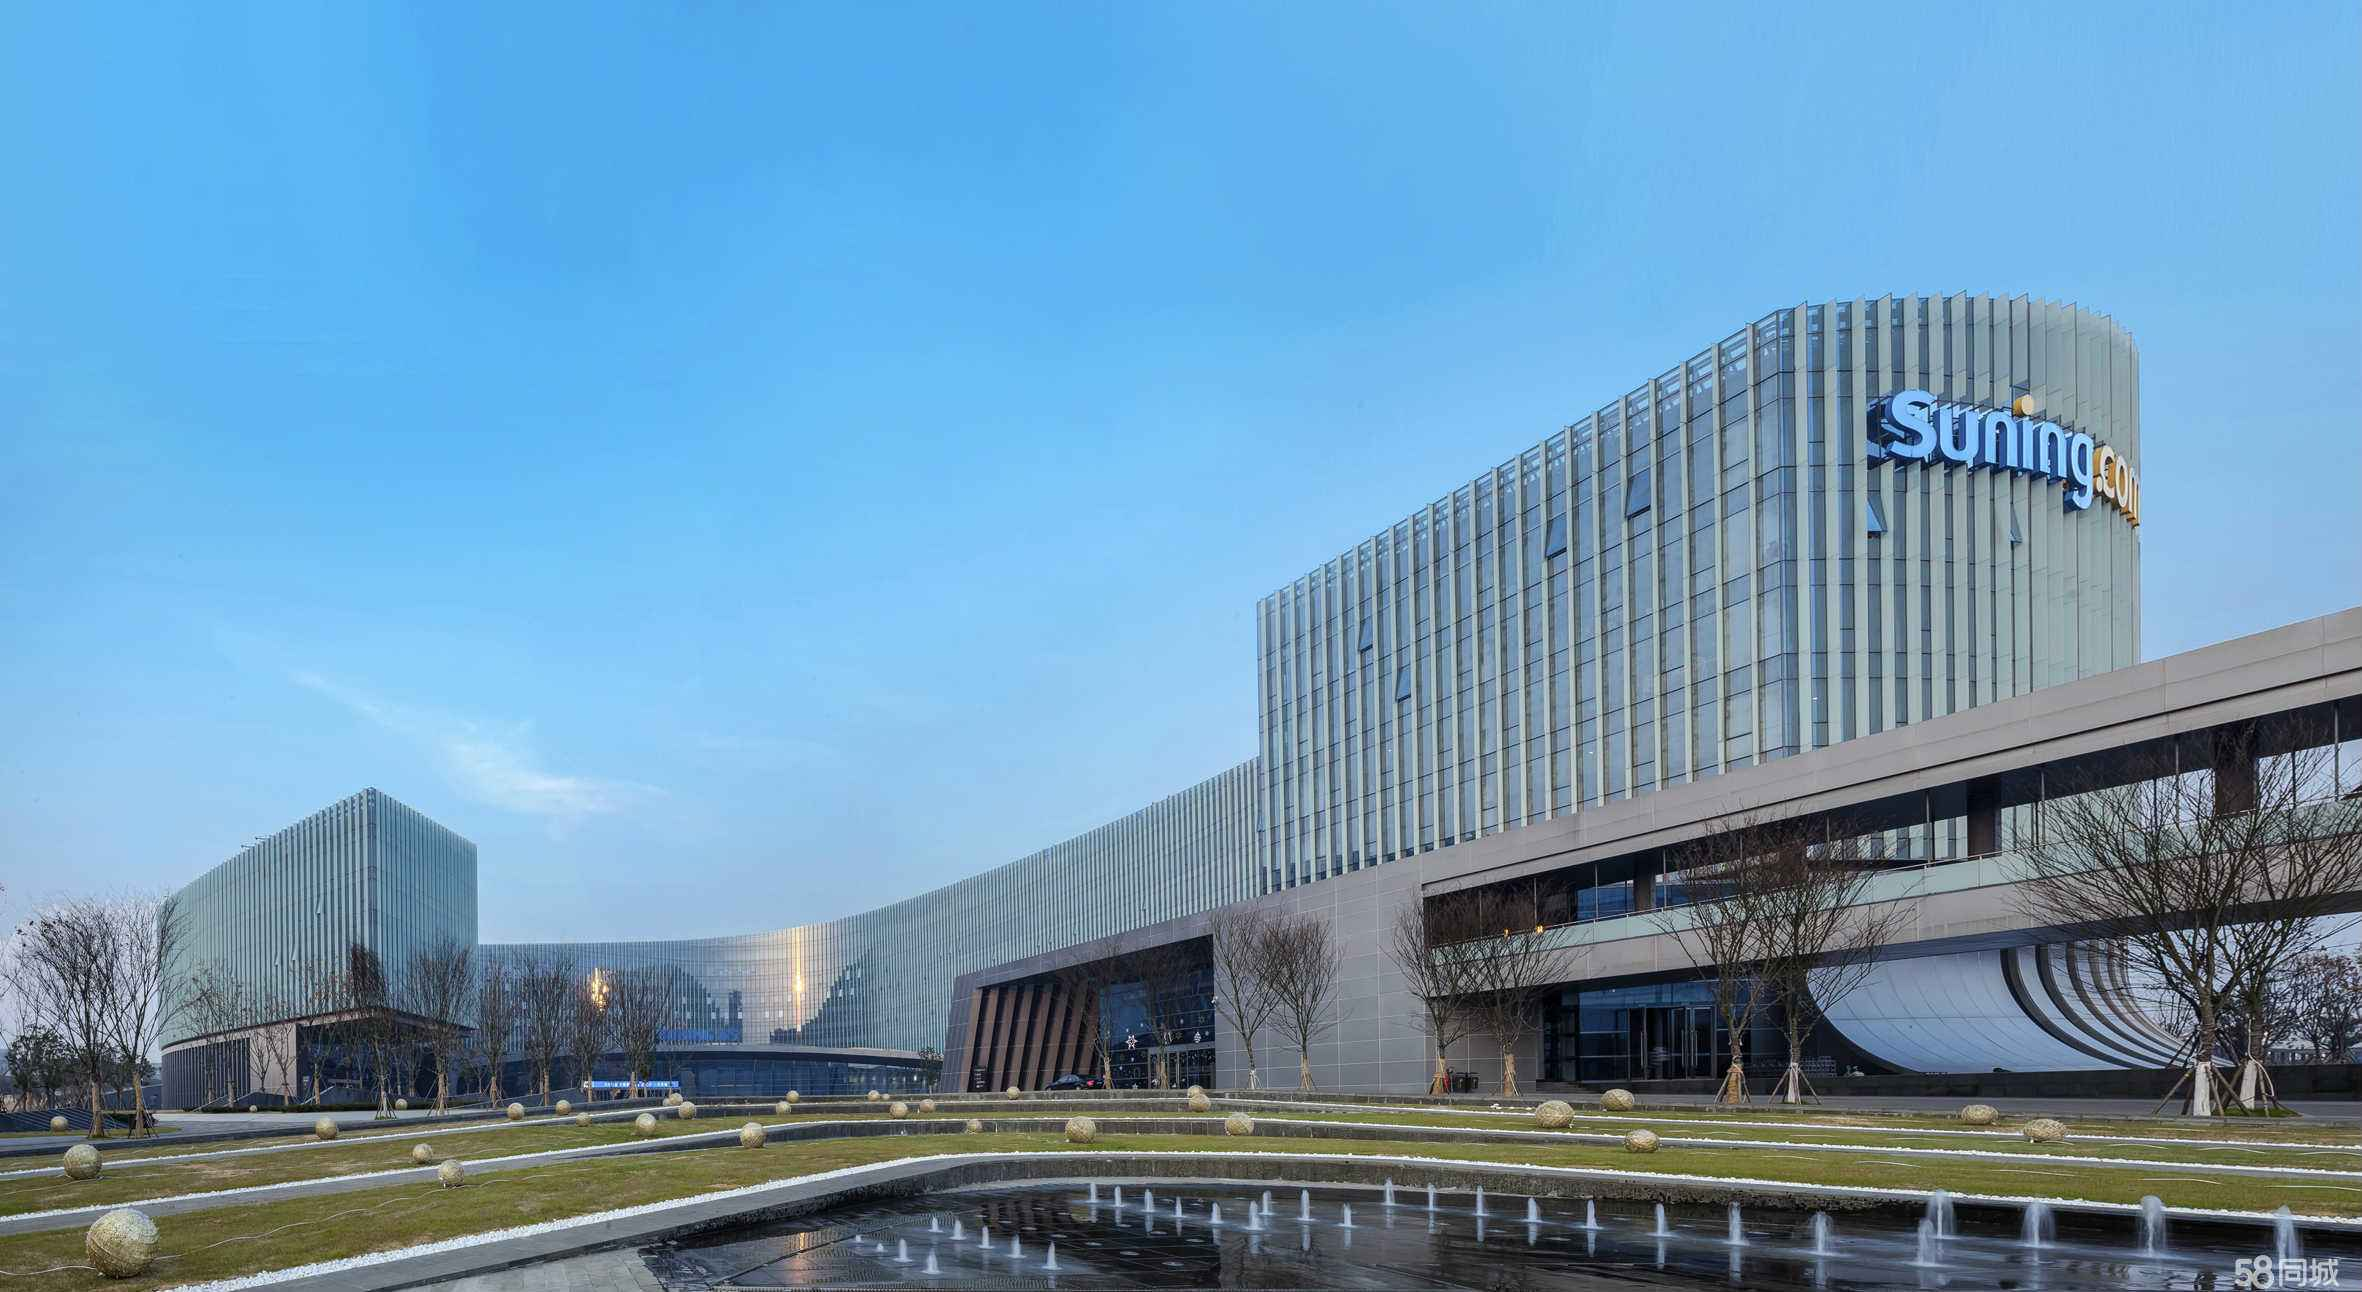 苏宁.com的团购应用报告2月份销售同比增长2,061%